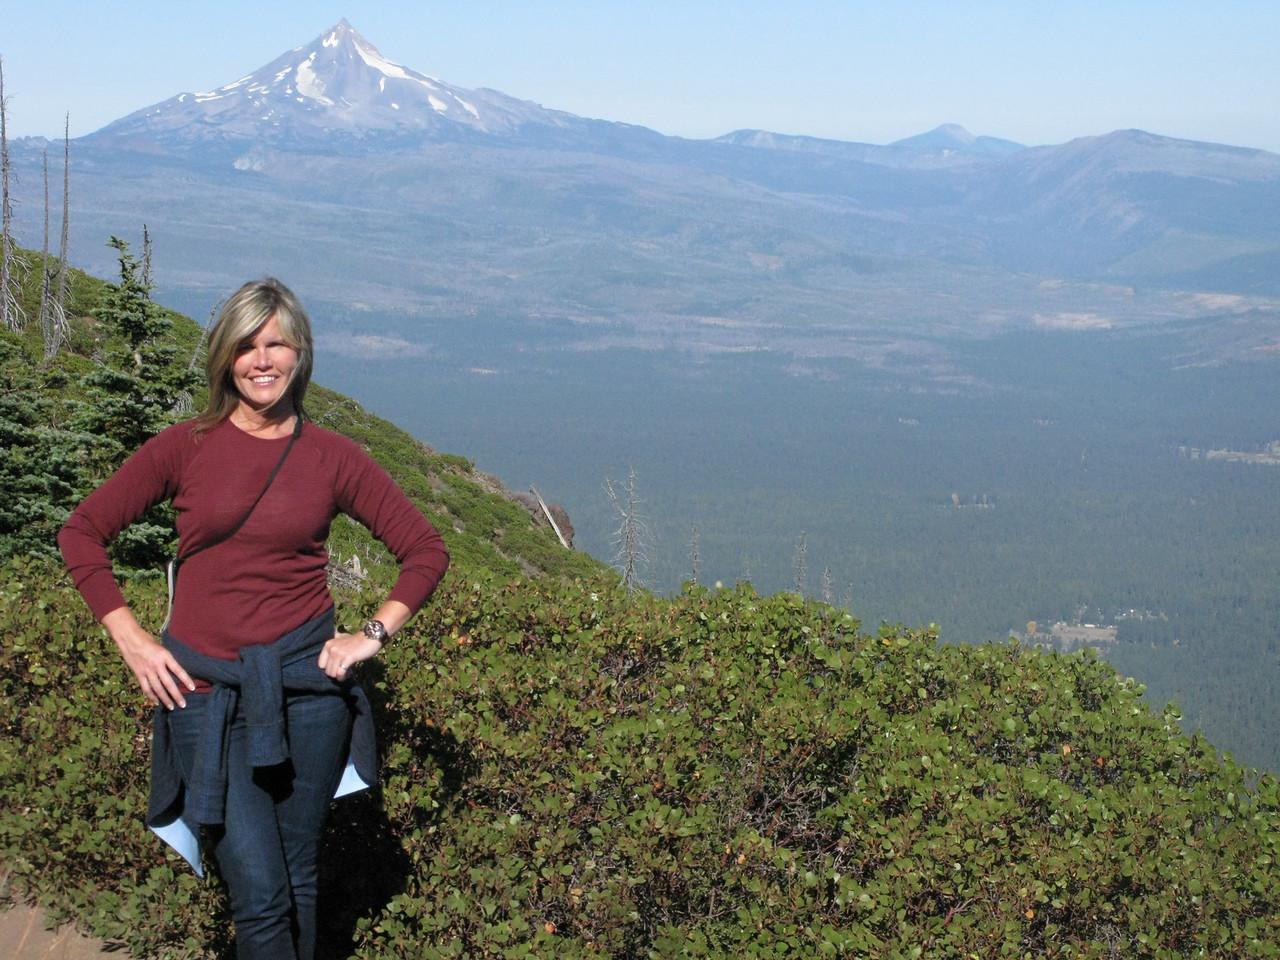 Near summit of black butte, Mt Jefferson in background.